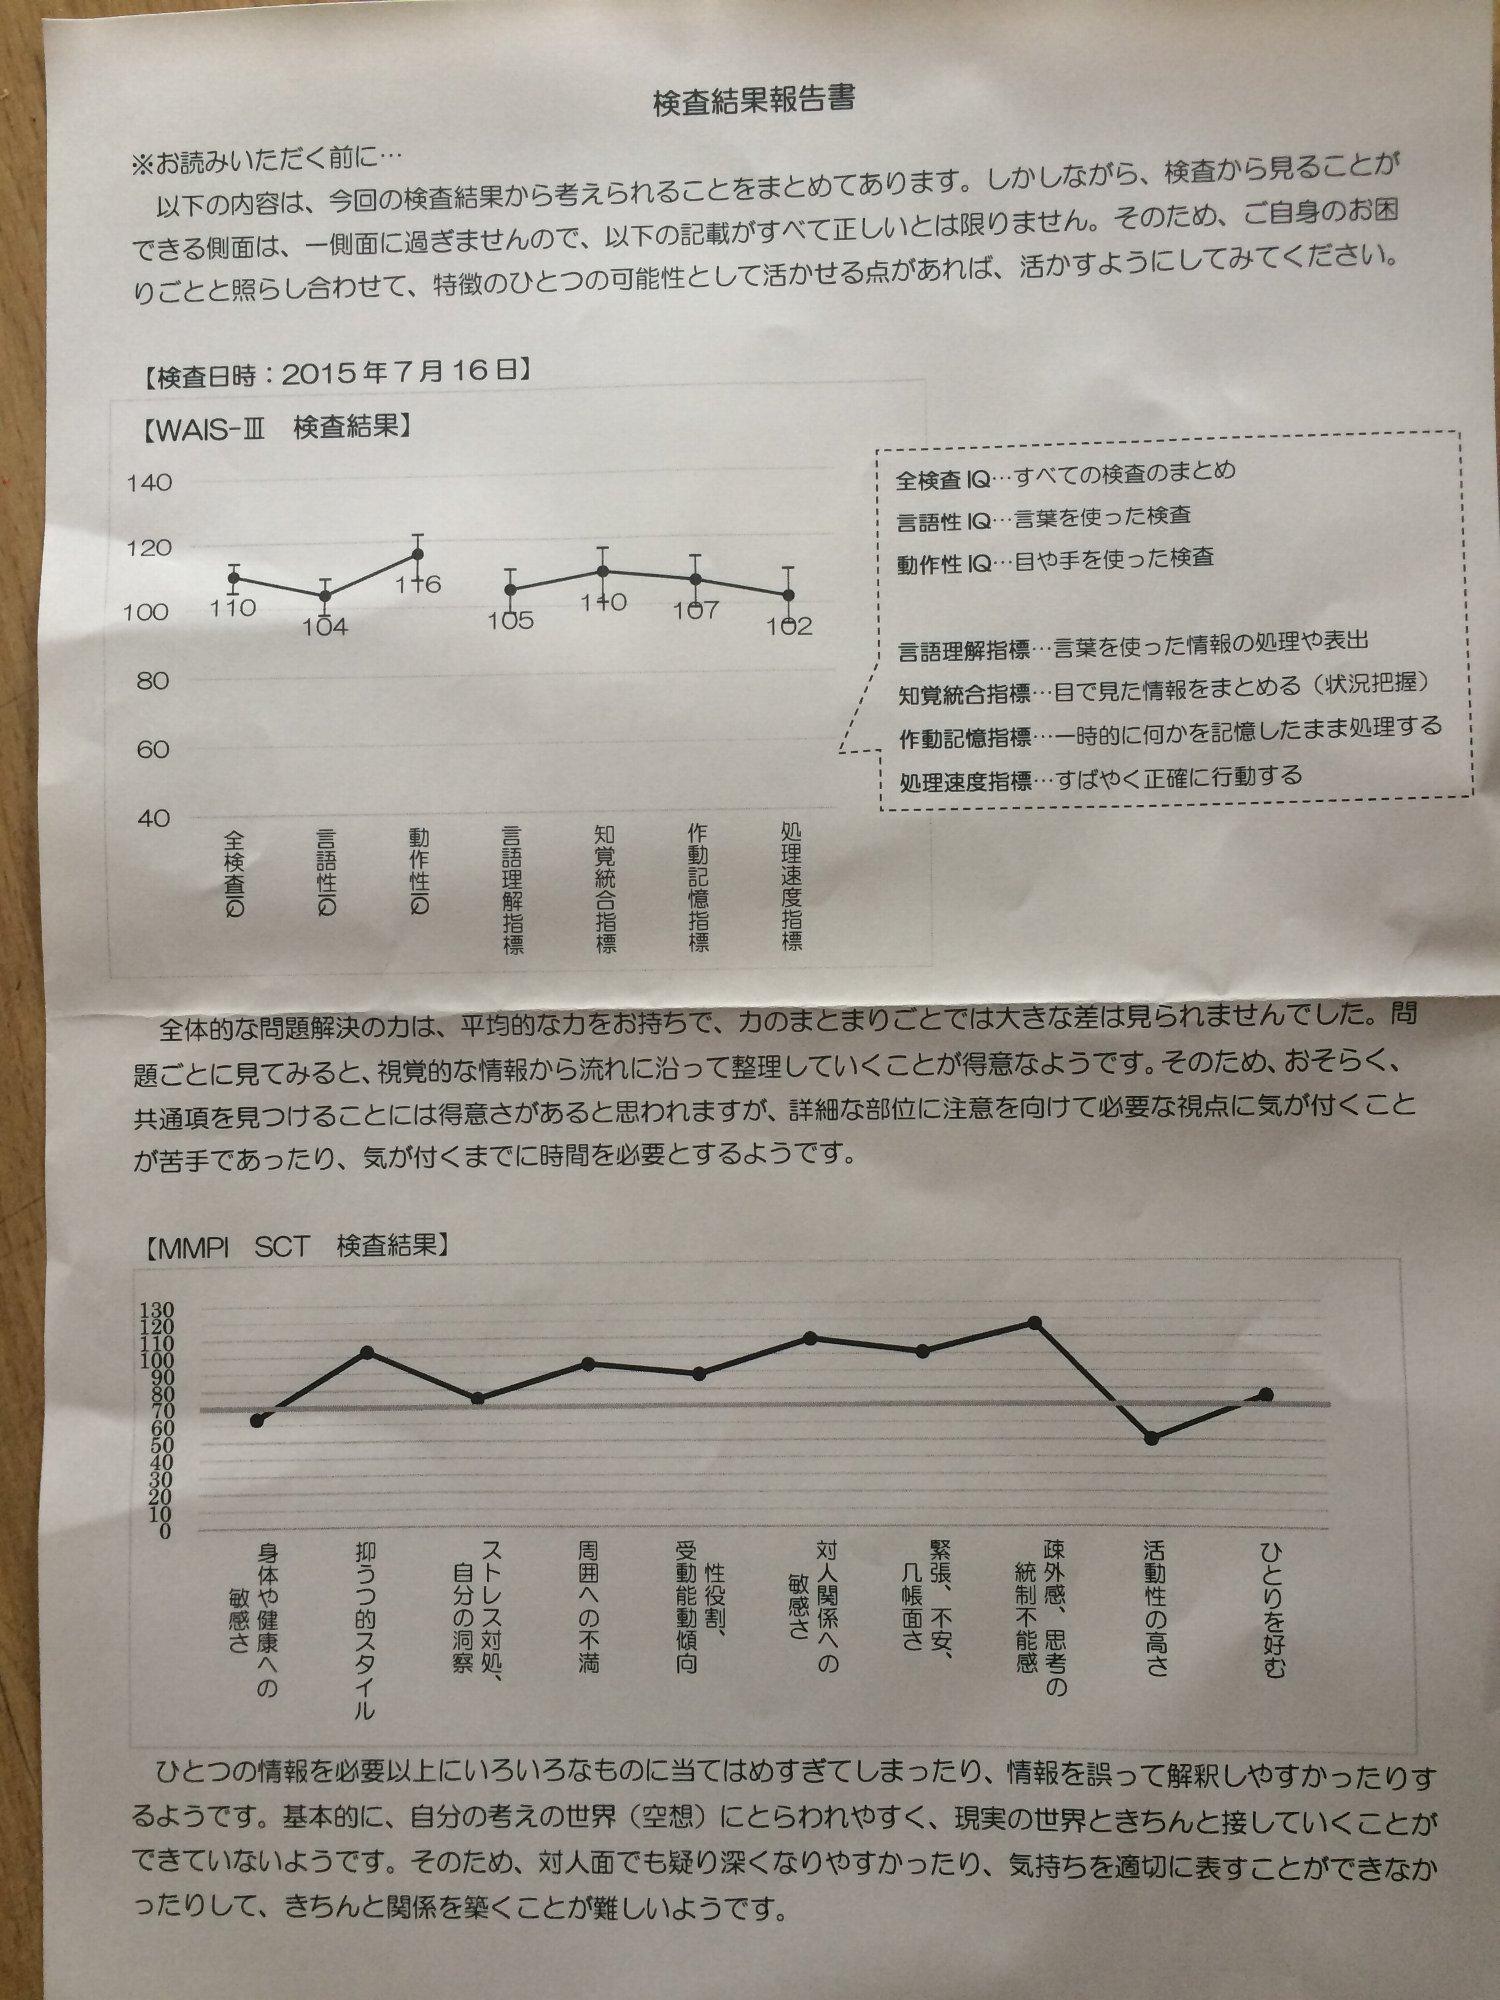 知能検査・心理検査 結果 SCT MMPI WAISⅢ